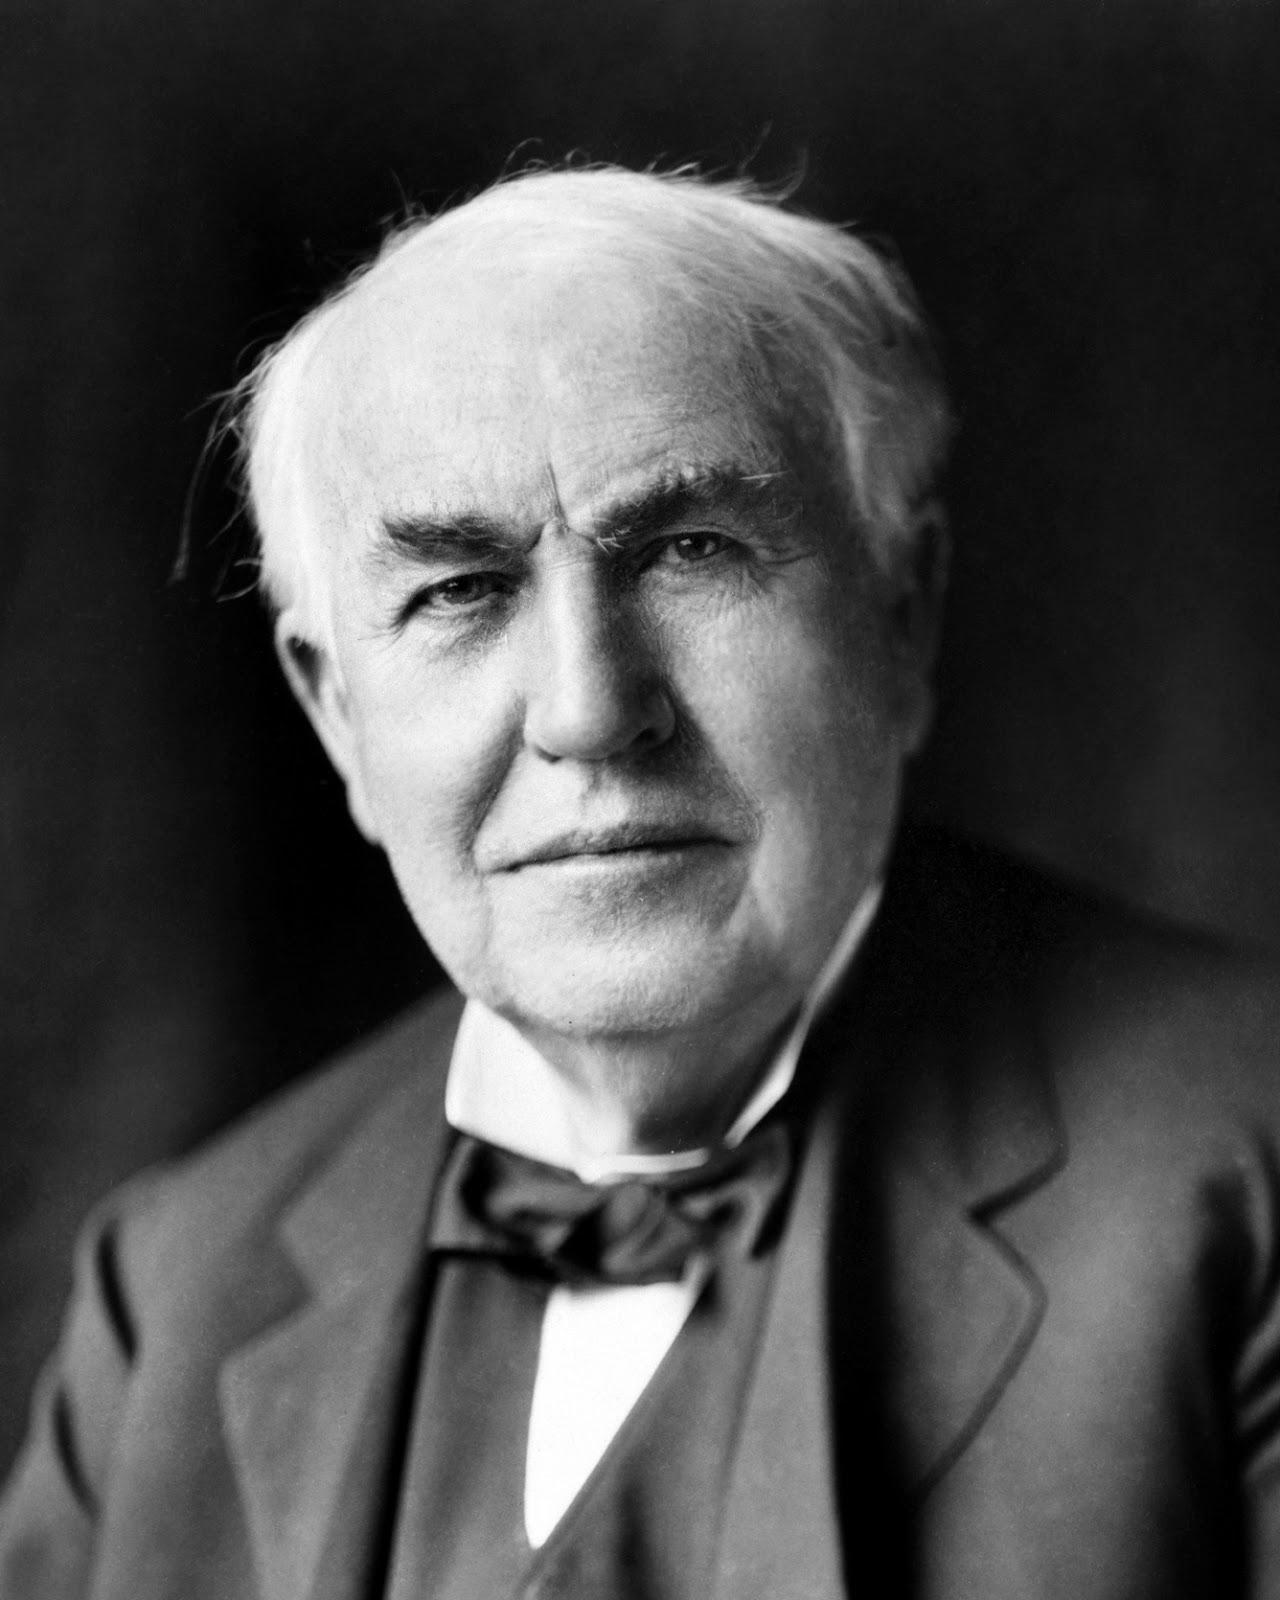 Mathematik und Physik für die Realschule: Thomas Edison